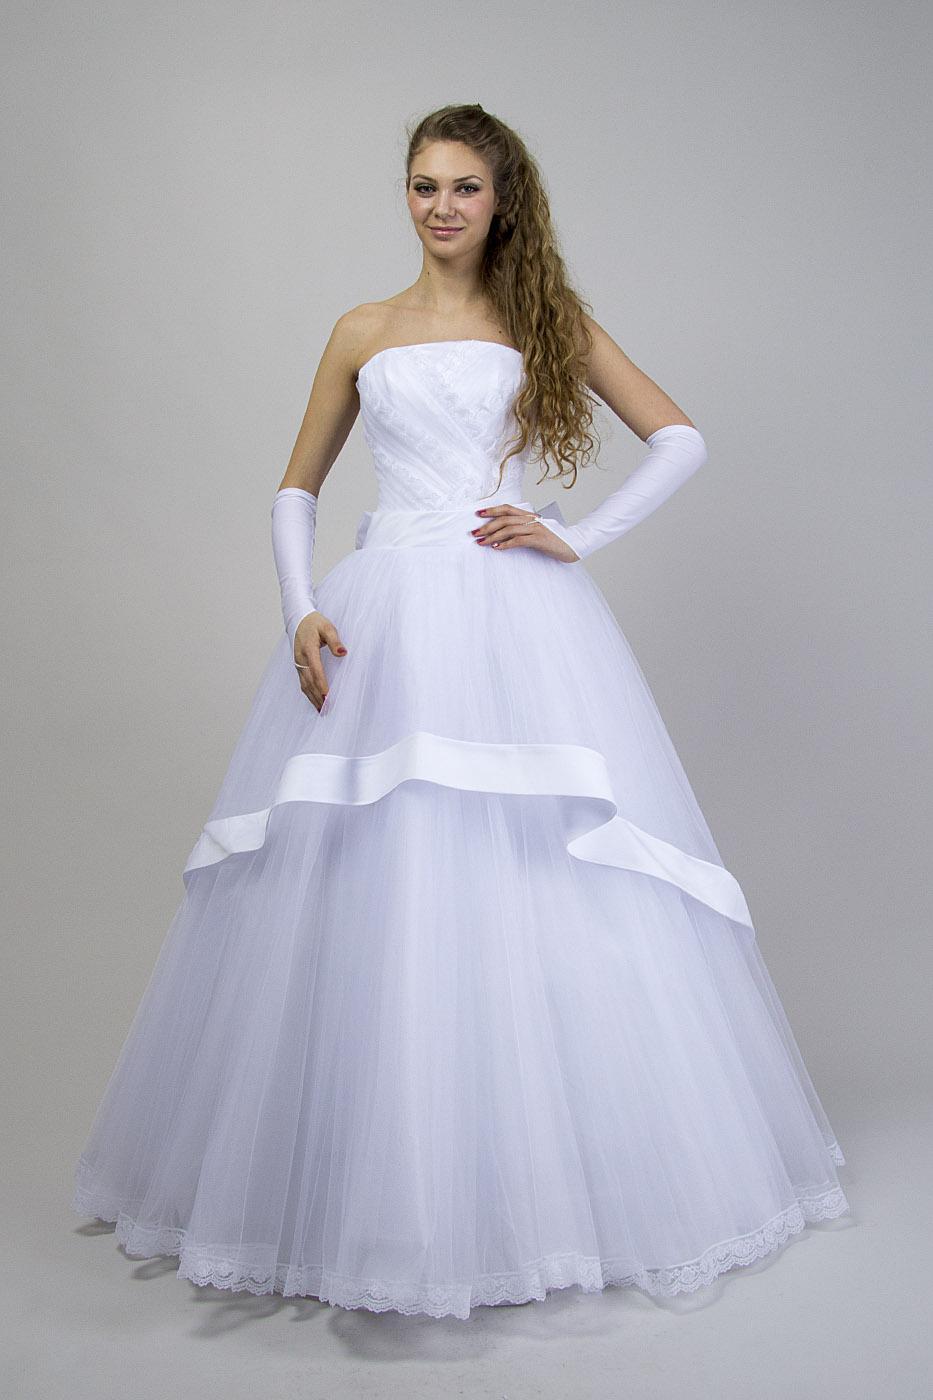 Свадебные Платья В Розницу По Оптовым Ценам